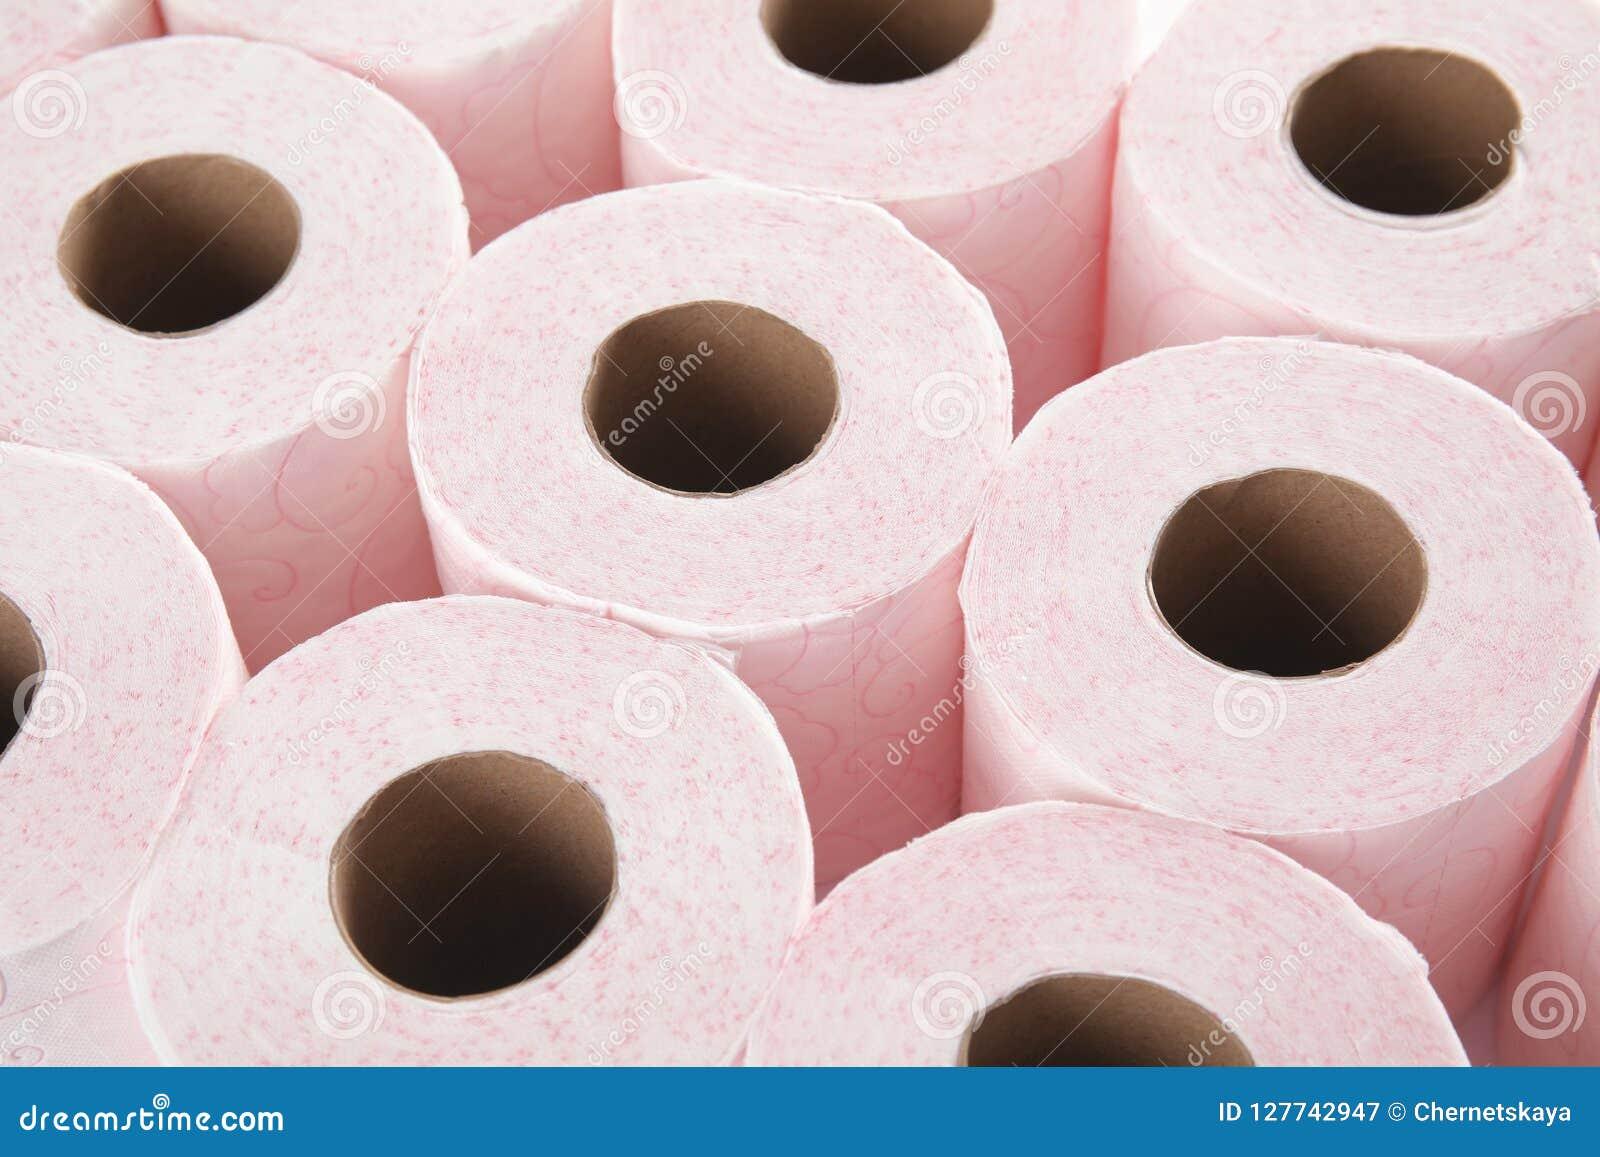 Beaucoup de rouleaux de papier hygiénique